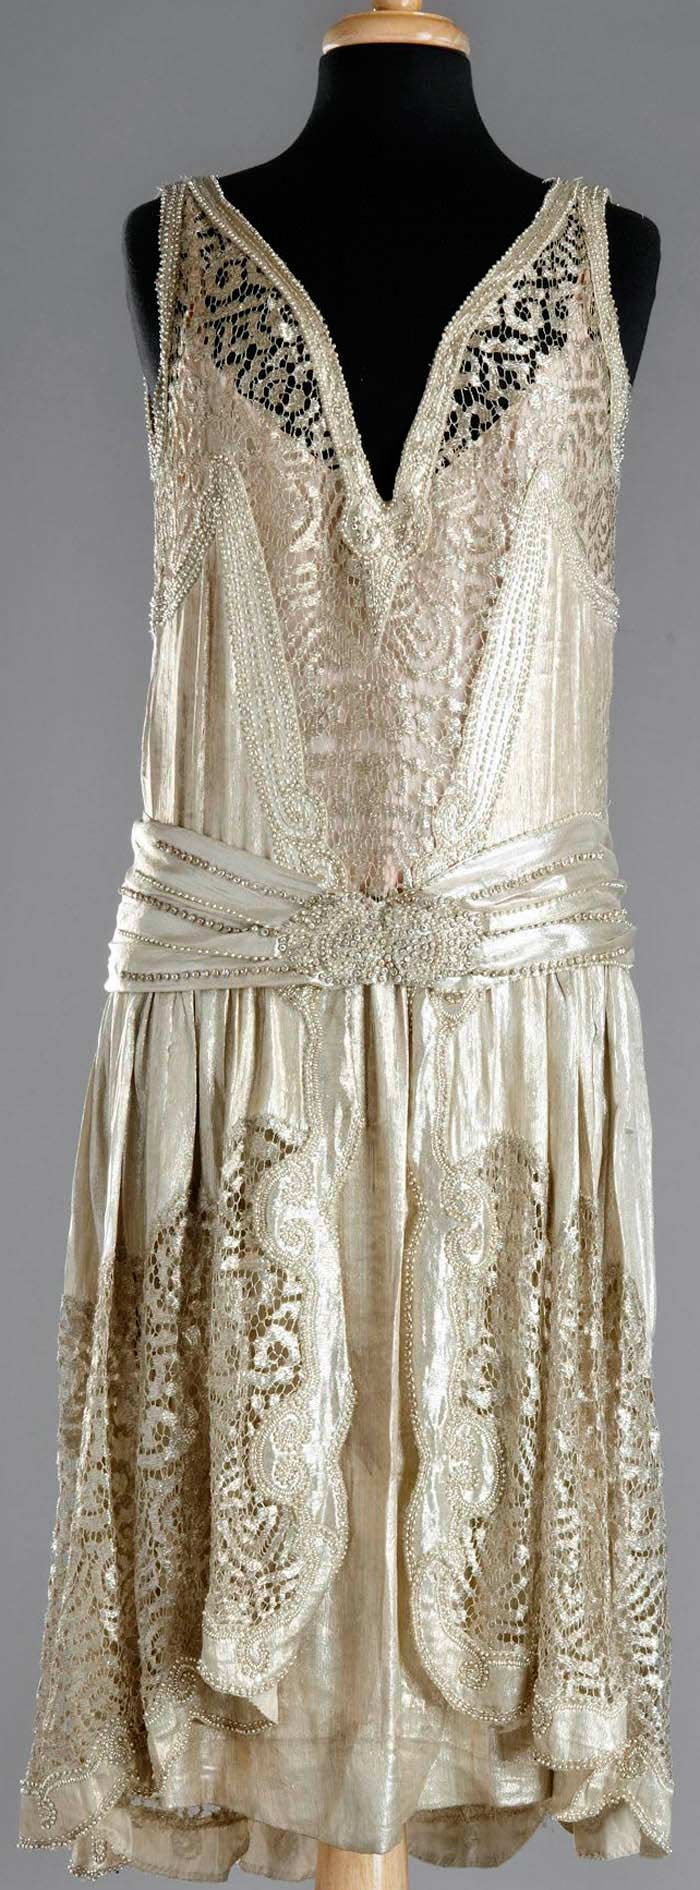 suede handbags  DeLaBelle Vintage on 1920s fashion